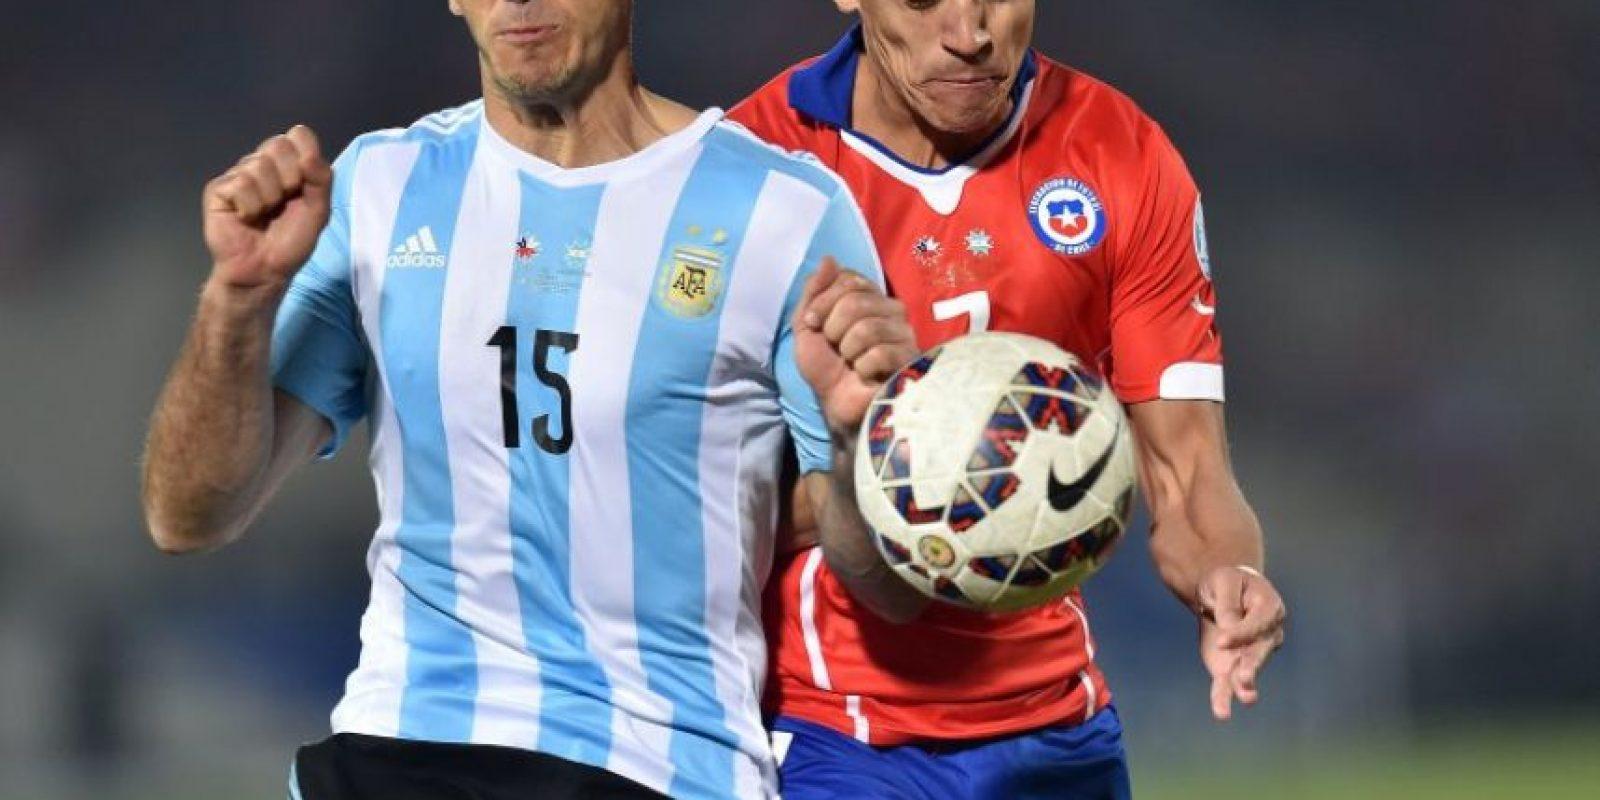 Martín Demichelis: Manchester City no le renovó contrato tras la temporada 2015/2016. El subcampeón del Mundo en 2014 y de la Copa América 2015 está relacionado con un retorno a su país Foto:AFP